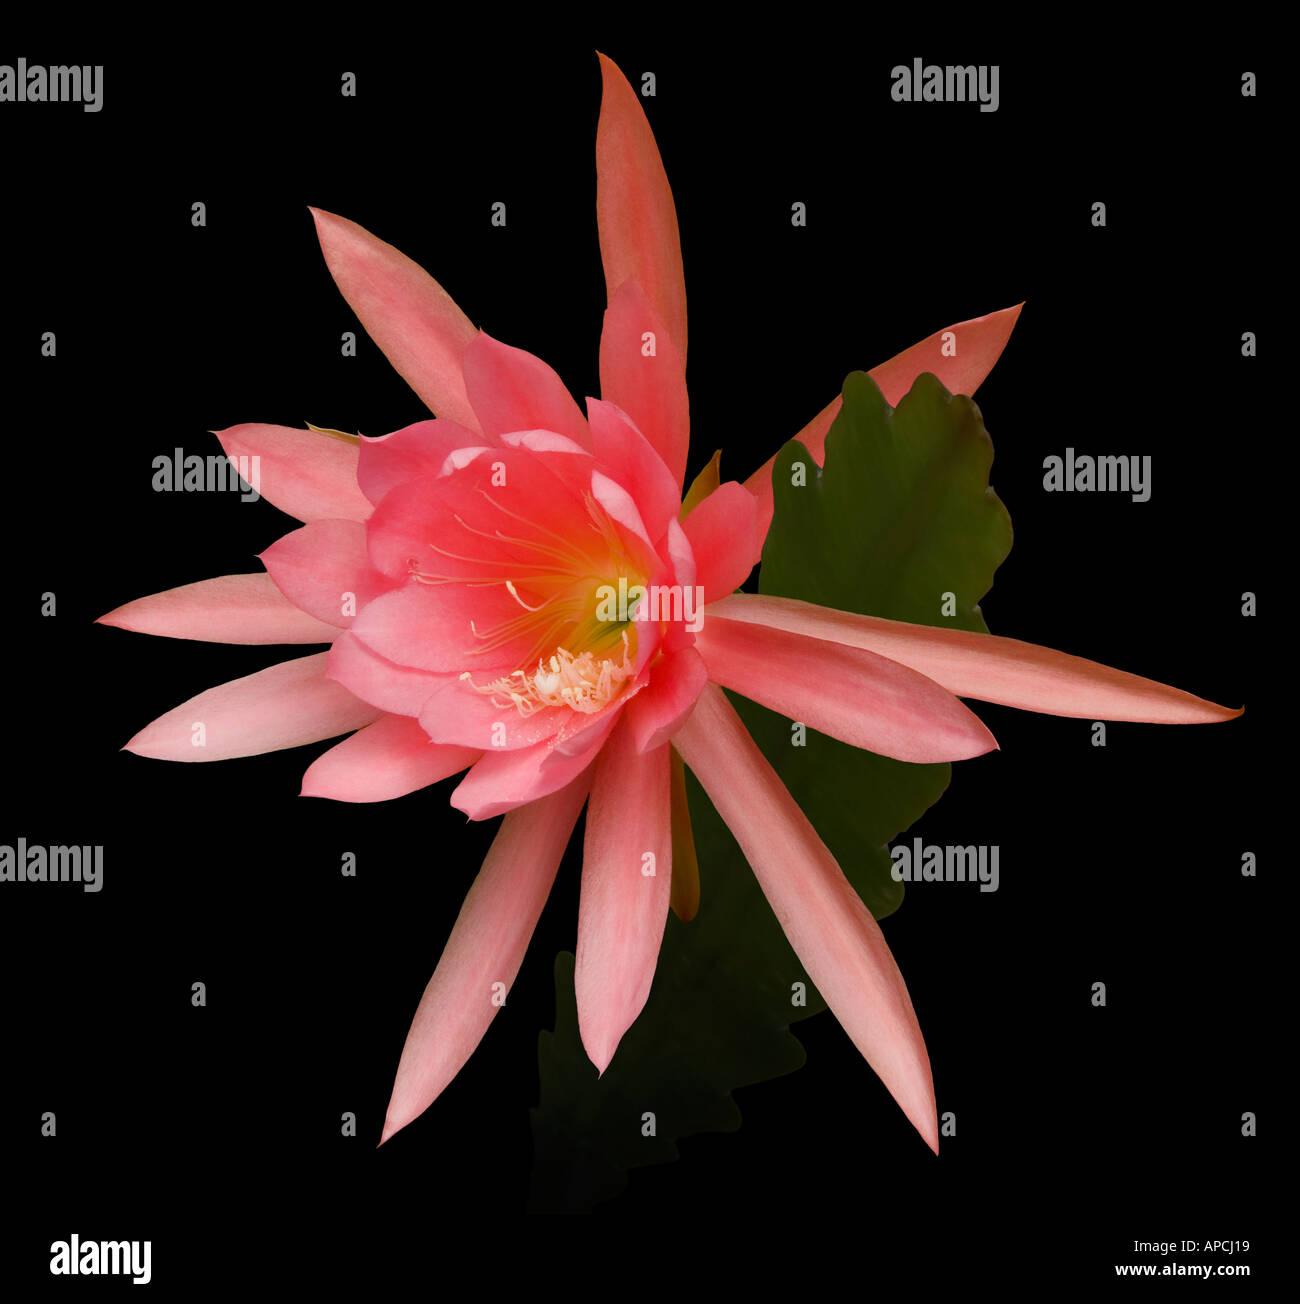 Cactus Epicactus cv 'Celestine' - Stock Image